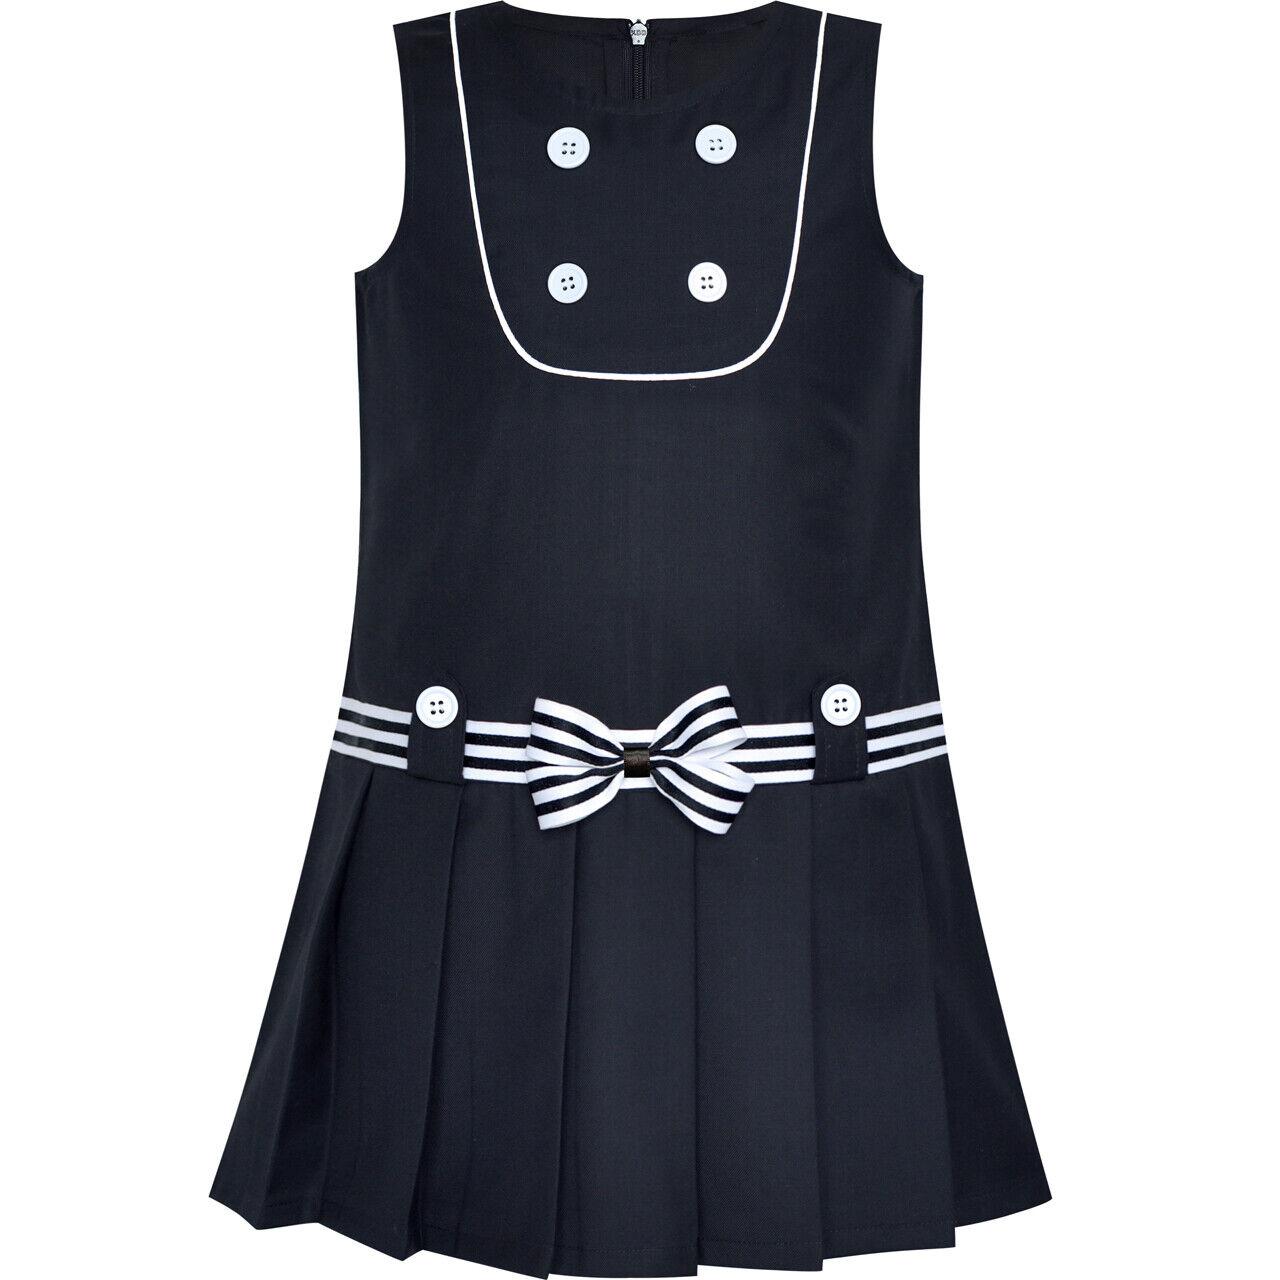 Sunny Fashion Girls Dress V Neck Pleated Hem School Size 6-14